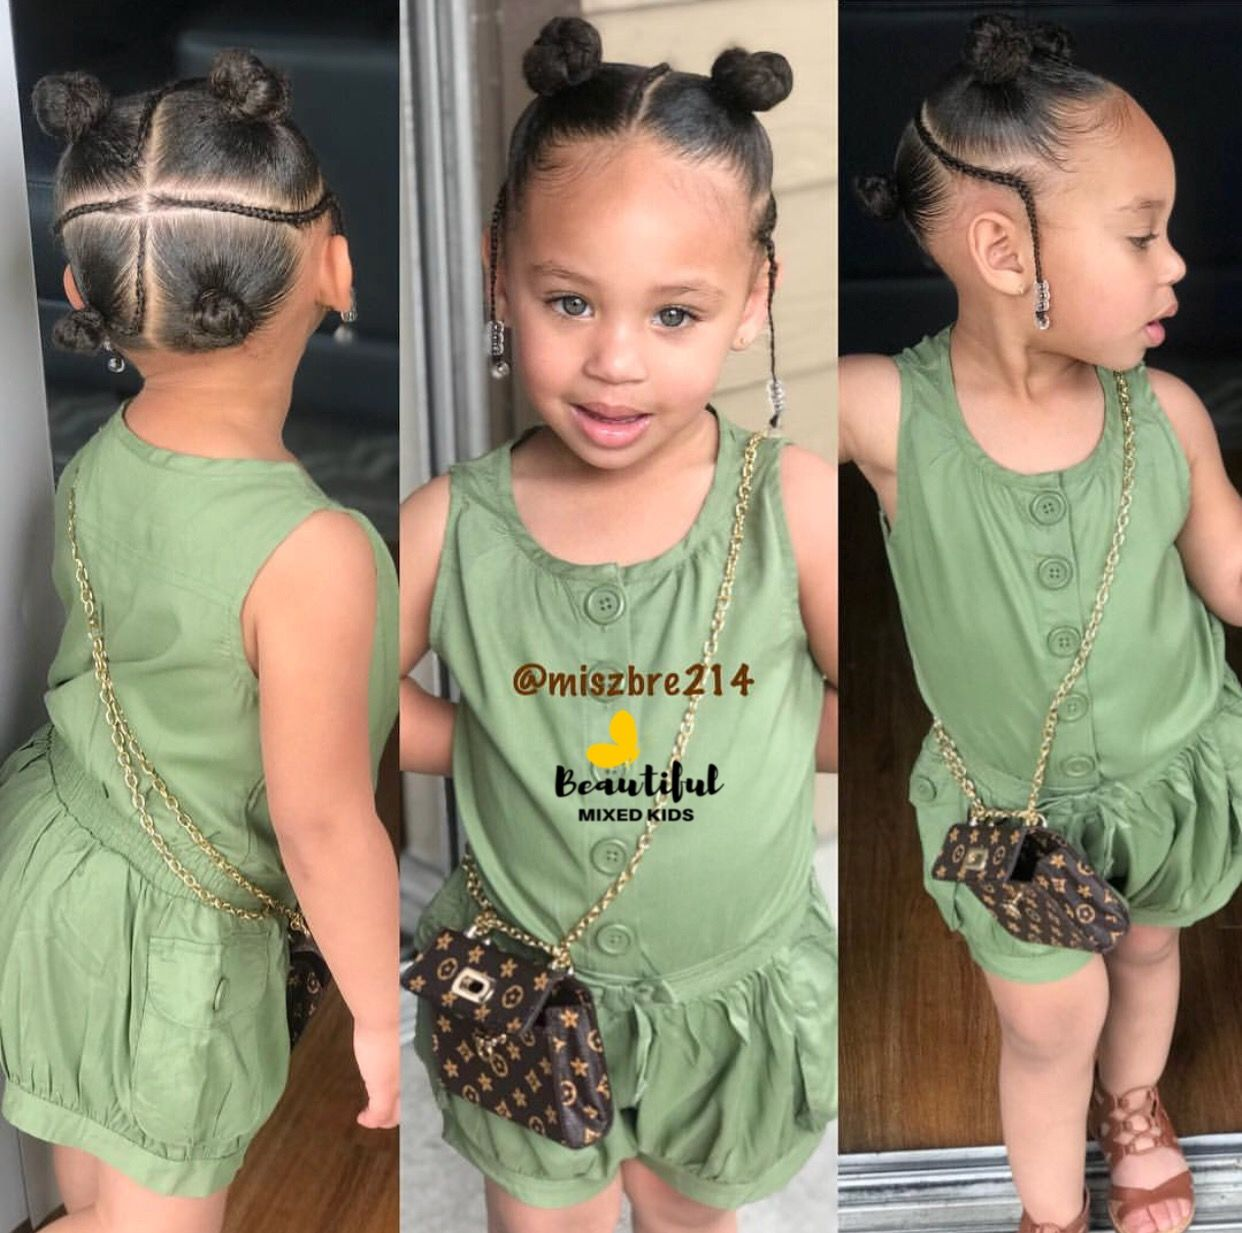 Karter Jade 1 Year Mom African American Caucasian Dad African American Kids Hairstyles Kids Curly Hairstyles Baby Girl Hair